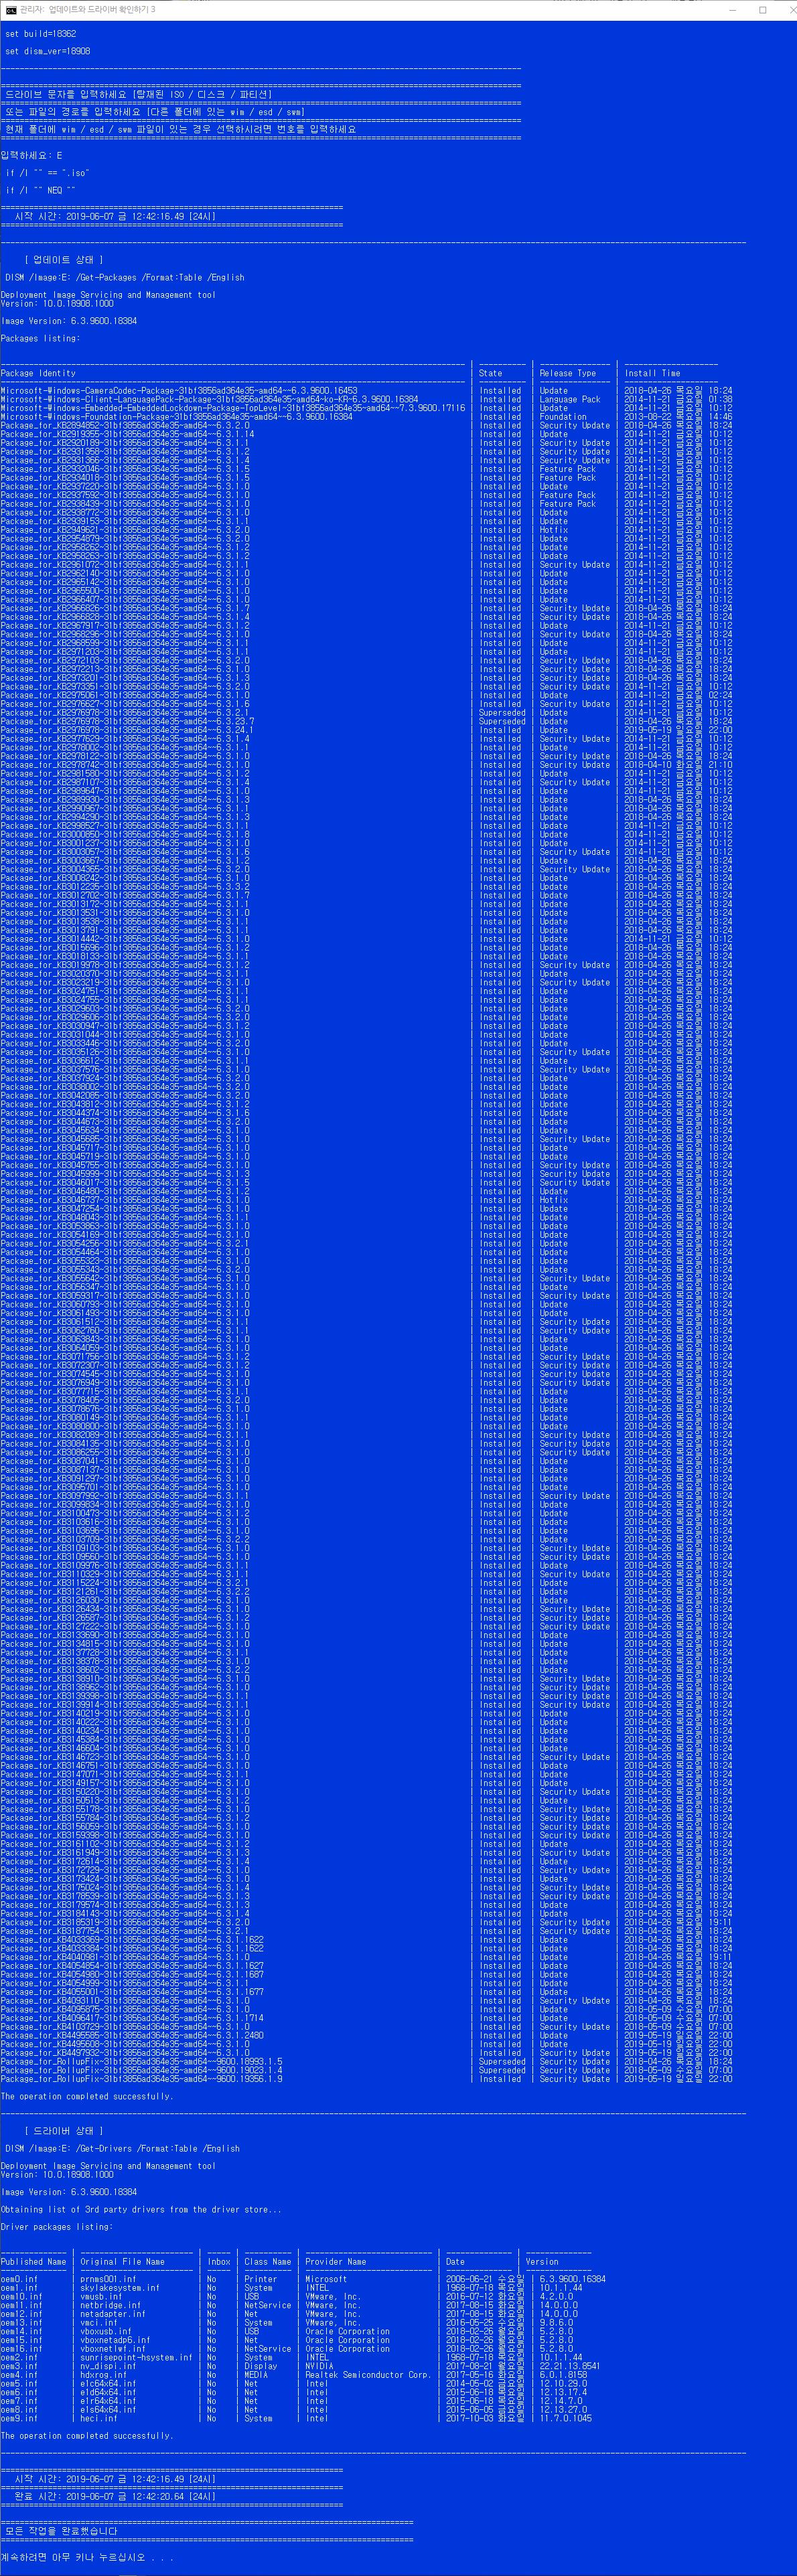 업데이트와 드라이버 확인하기3.bat 테스트 - E 드라이브 2019-06-07_124246.png